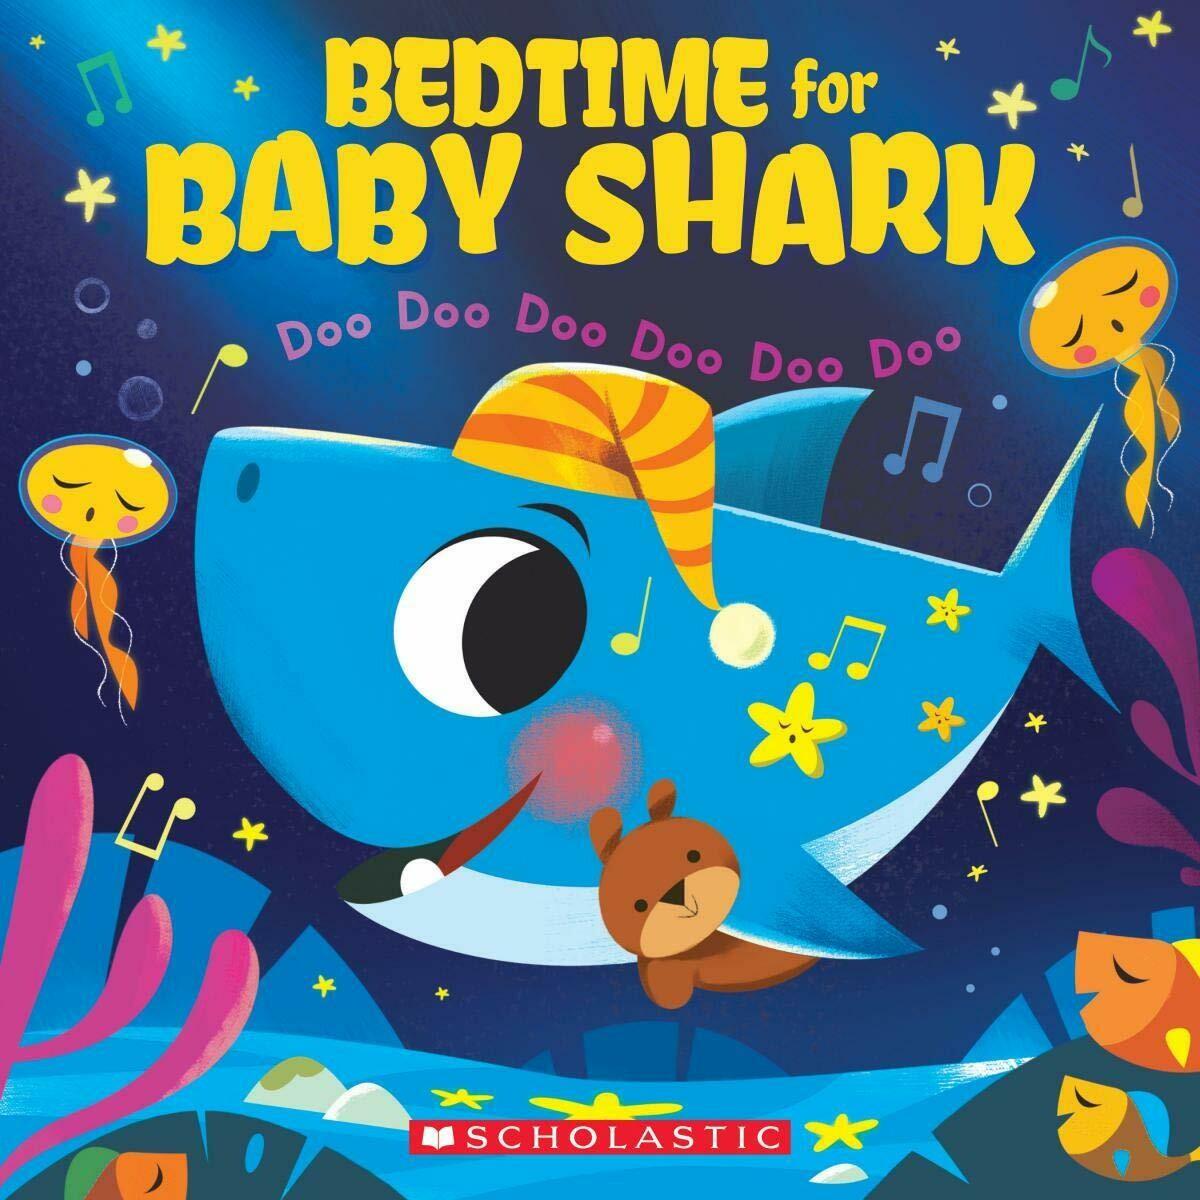 Bedtime for Baby Shark - Doo doo doo doo doo doo - Paperback